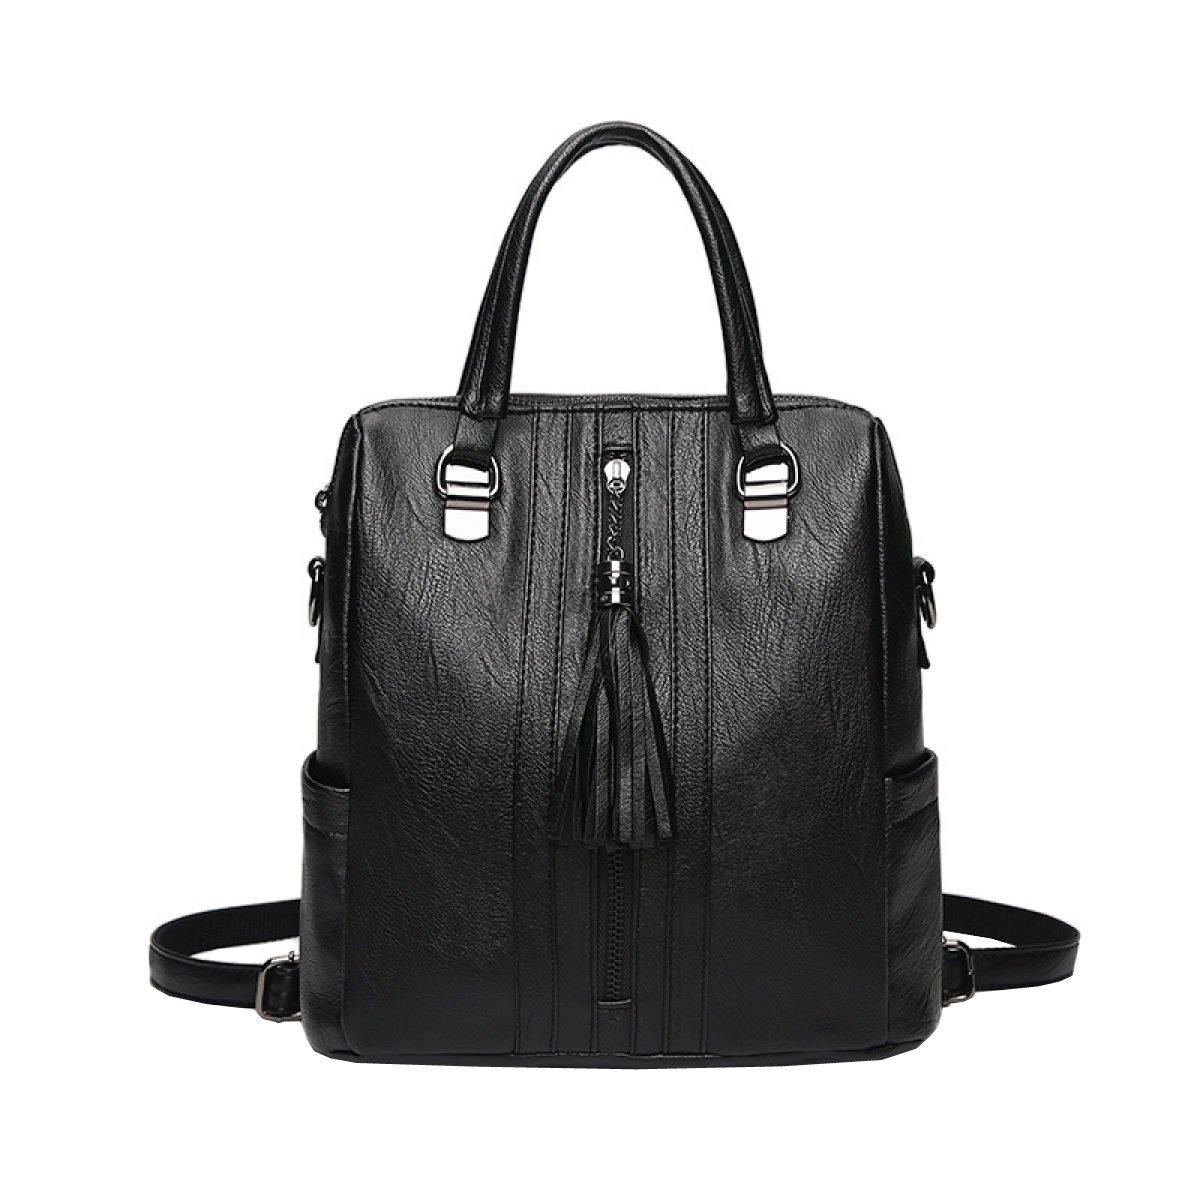 LAIDAYE Damen Umhängetasche Mode Pu Reise Rucksack Damen Umhängetasche Multifunktionale Damen Umhängetasche Diagonal Paket Tasche